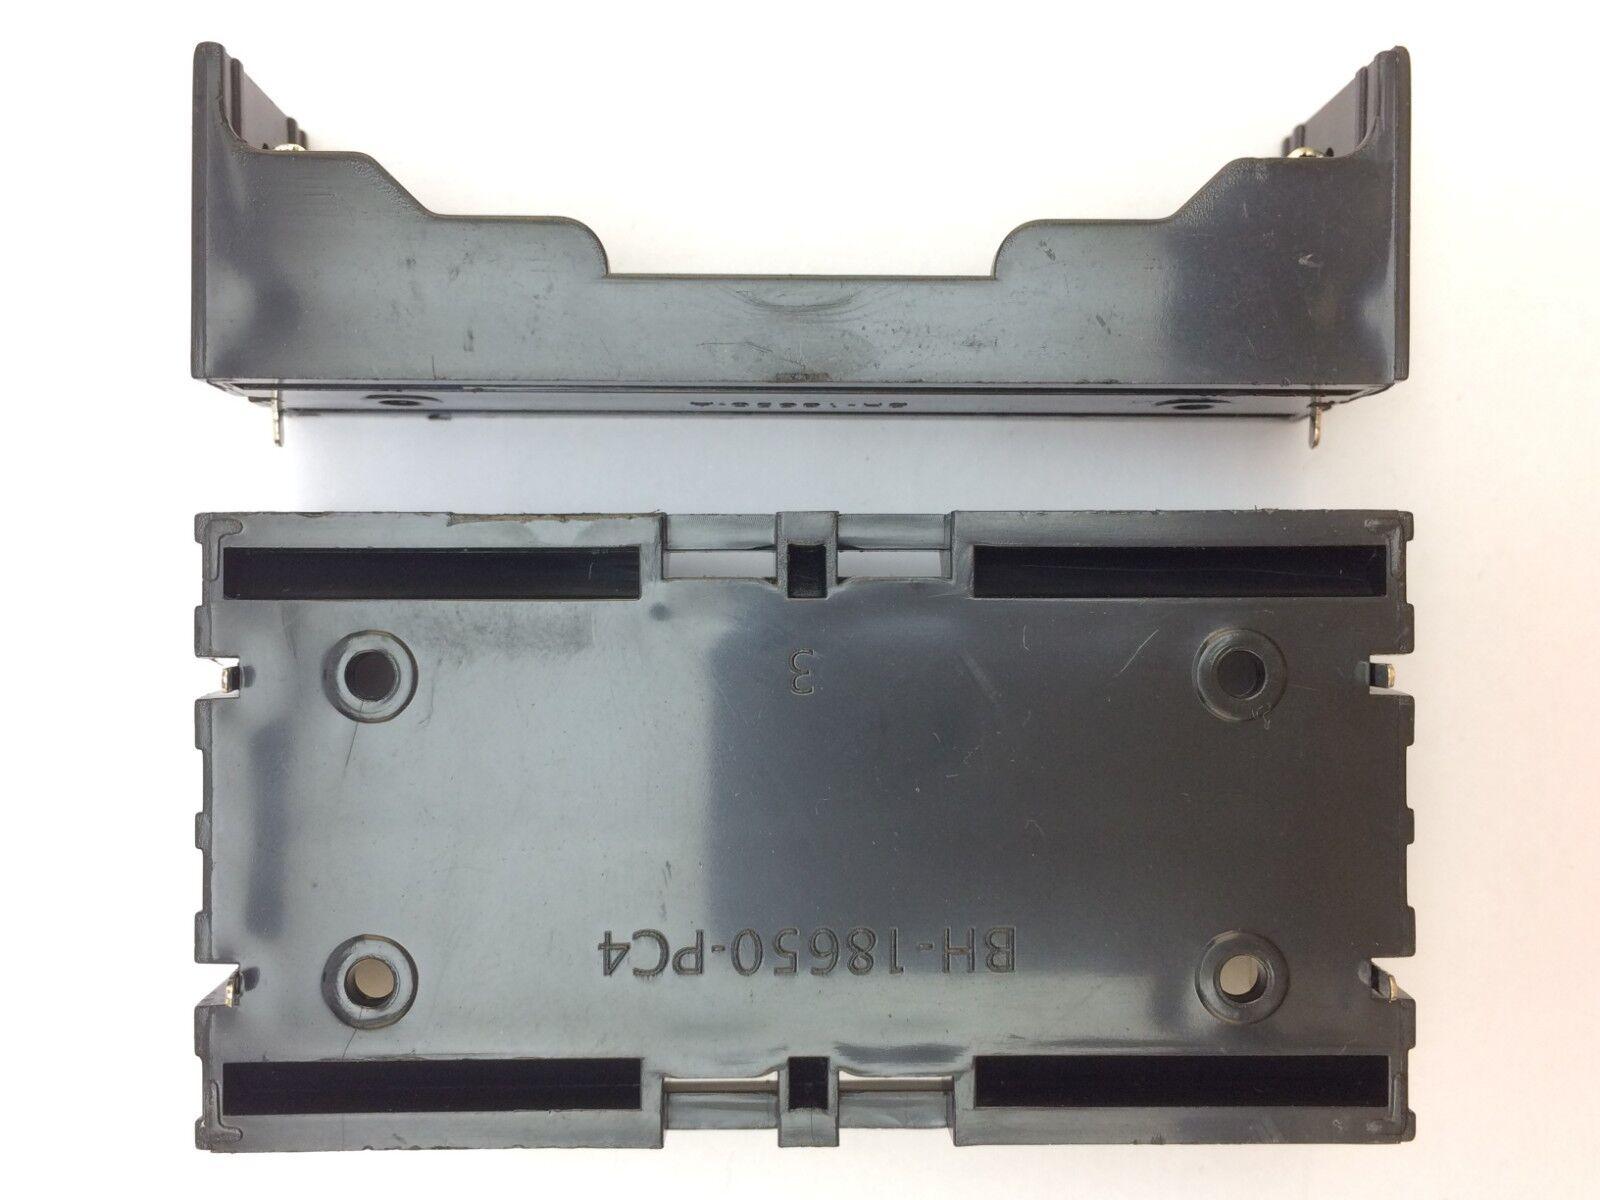 Batteriehalter für 18650 Batterie   Through Hole   Akku,Li-Ionen,Leiterplatte